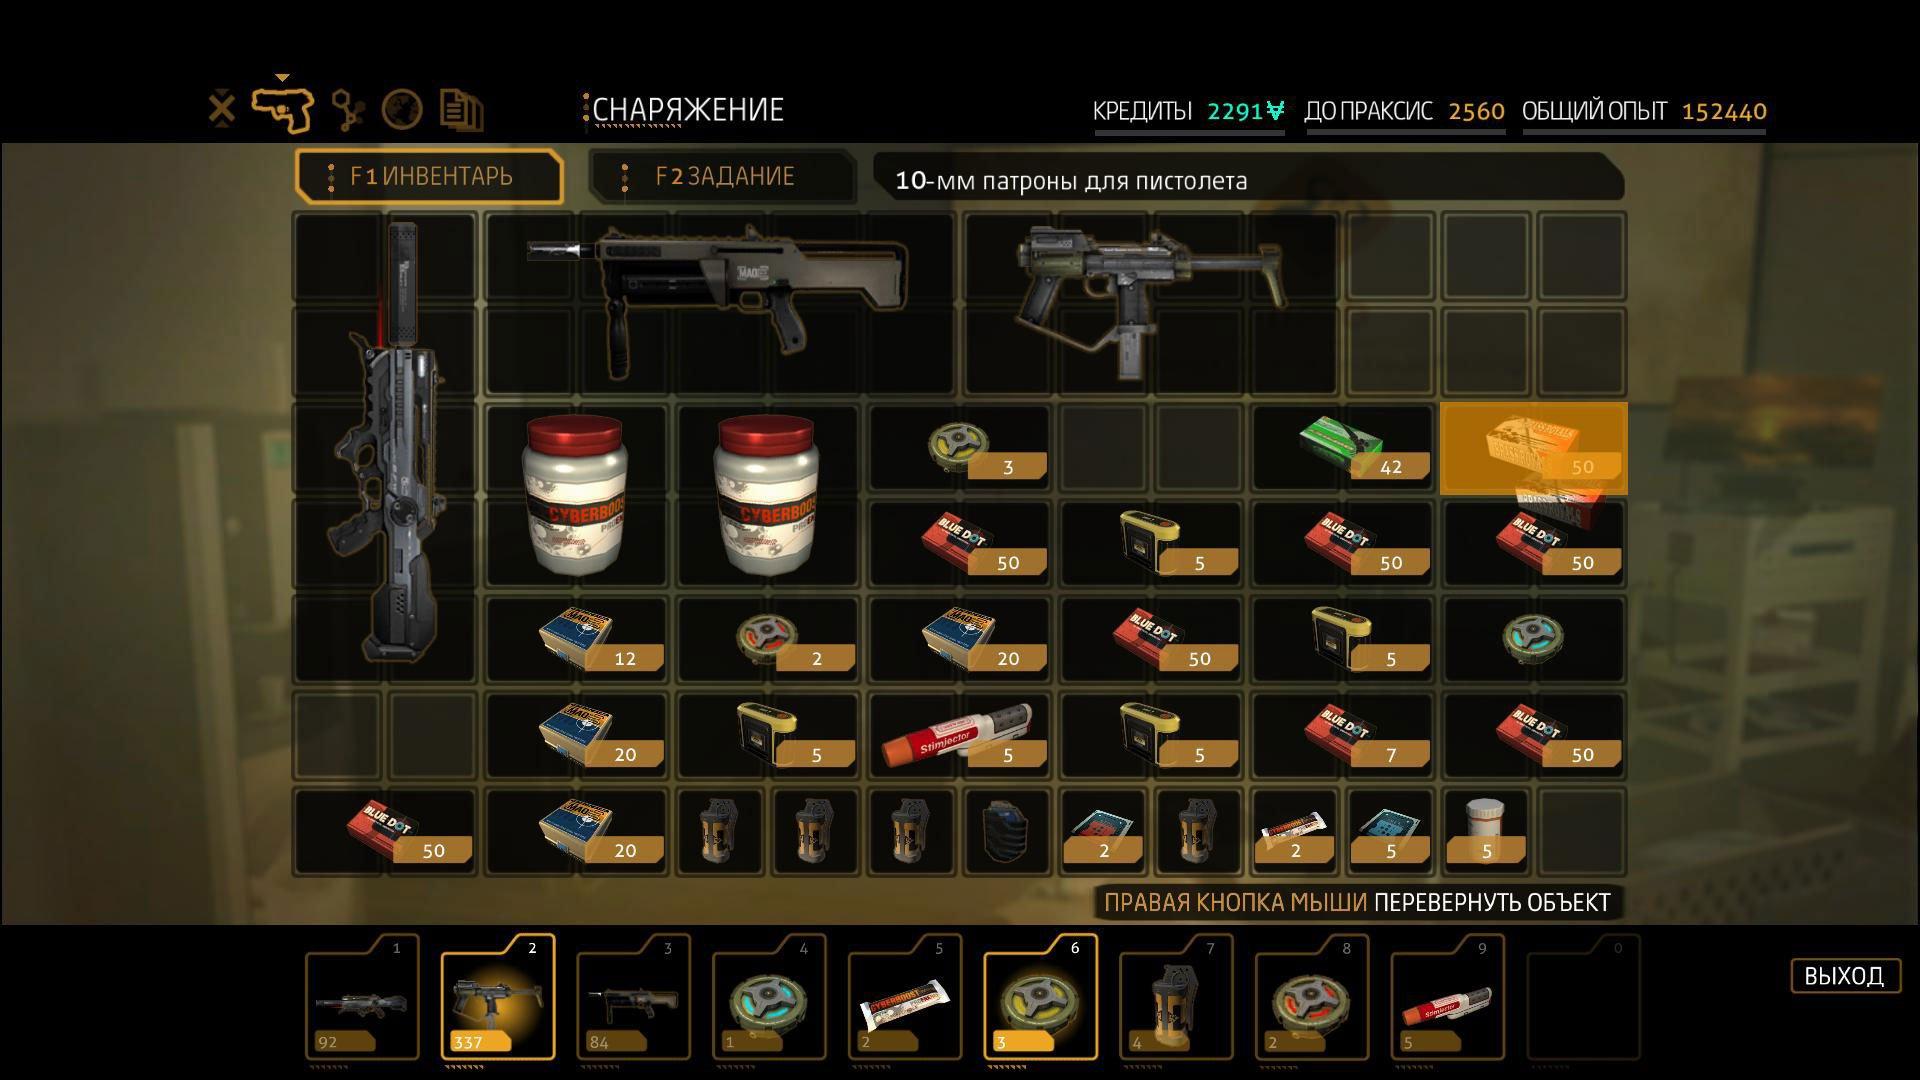 Deus Ex Human RevolutionТретья часть культовой игры начала 2000х годов. Разработка игры длилась четыре года и успела ... - Изображение 1